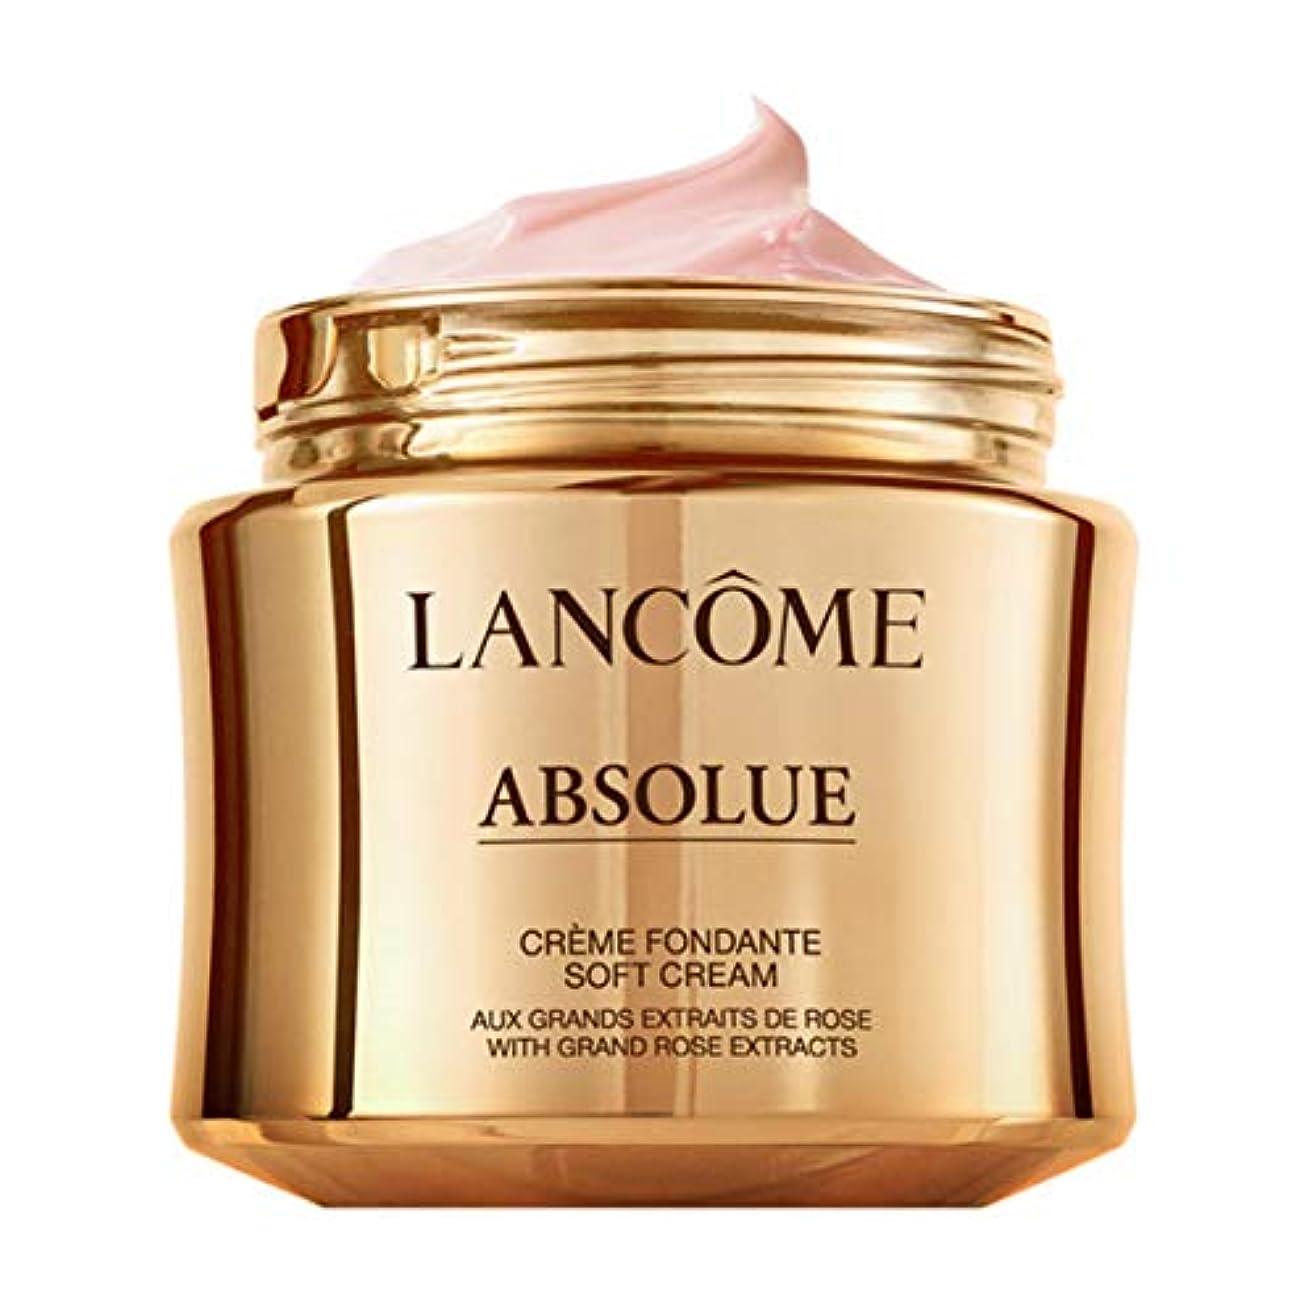 竜巻特殊表向きランコム Absolue Creme Fondante Regenerating Brightening Soft Cream 60ml/2oz並行輸入品